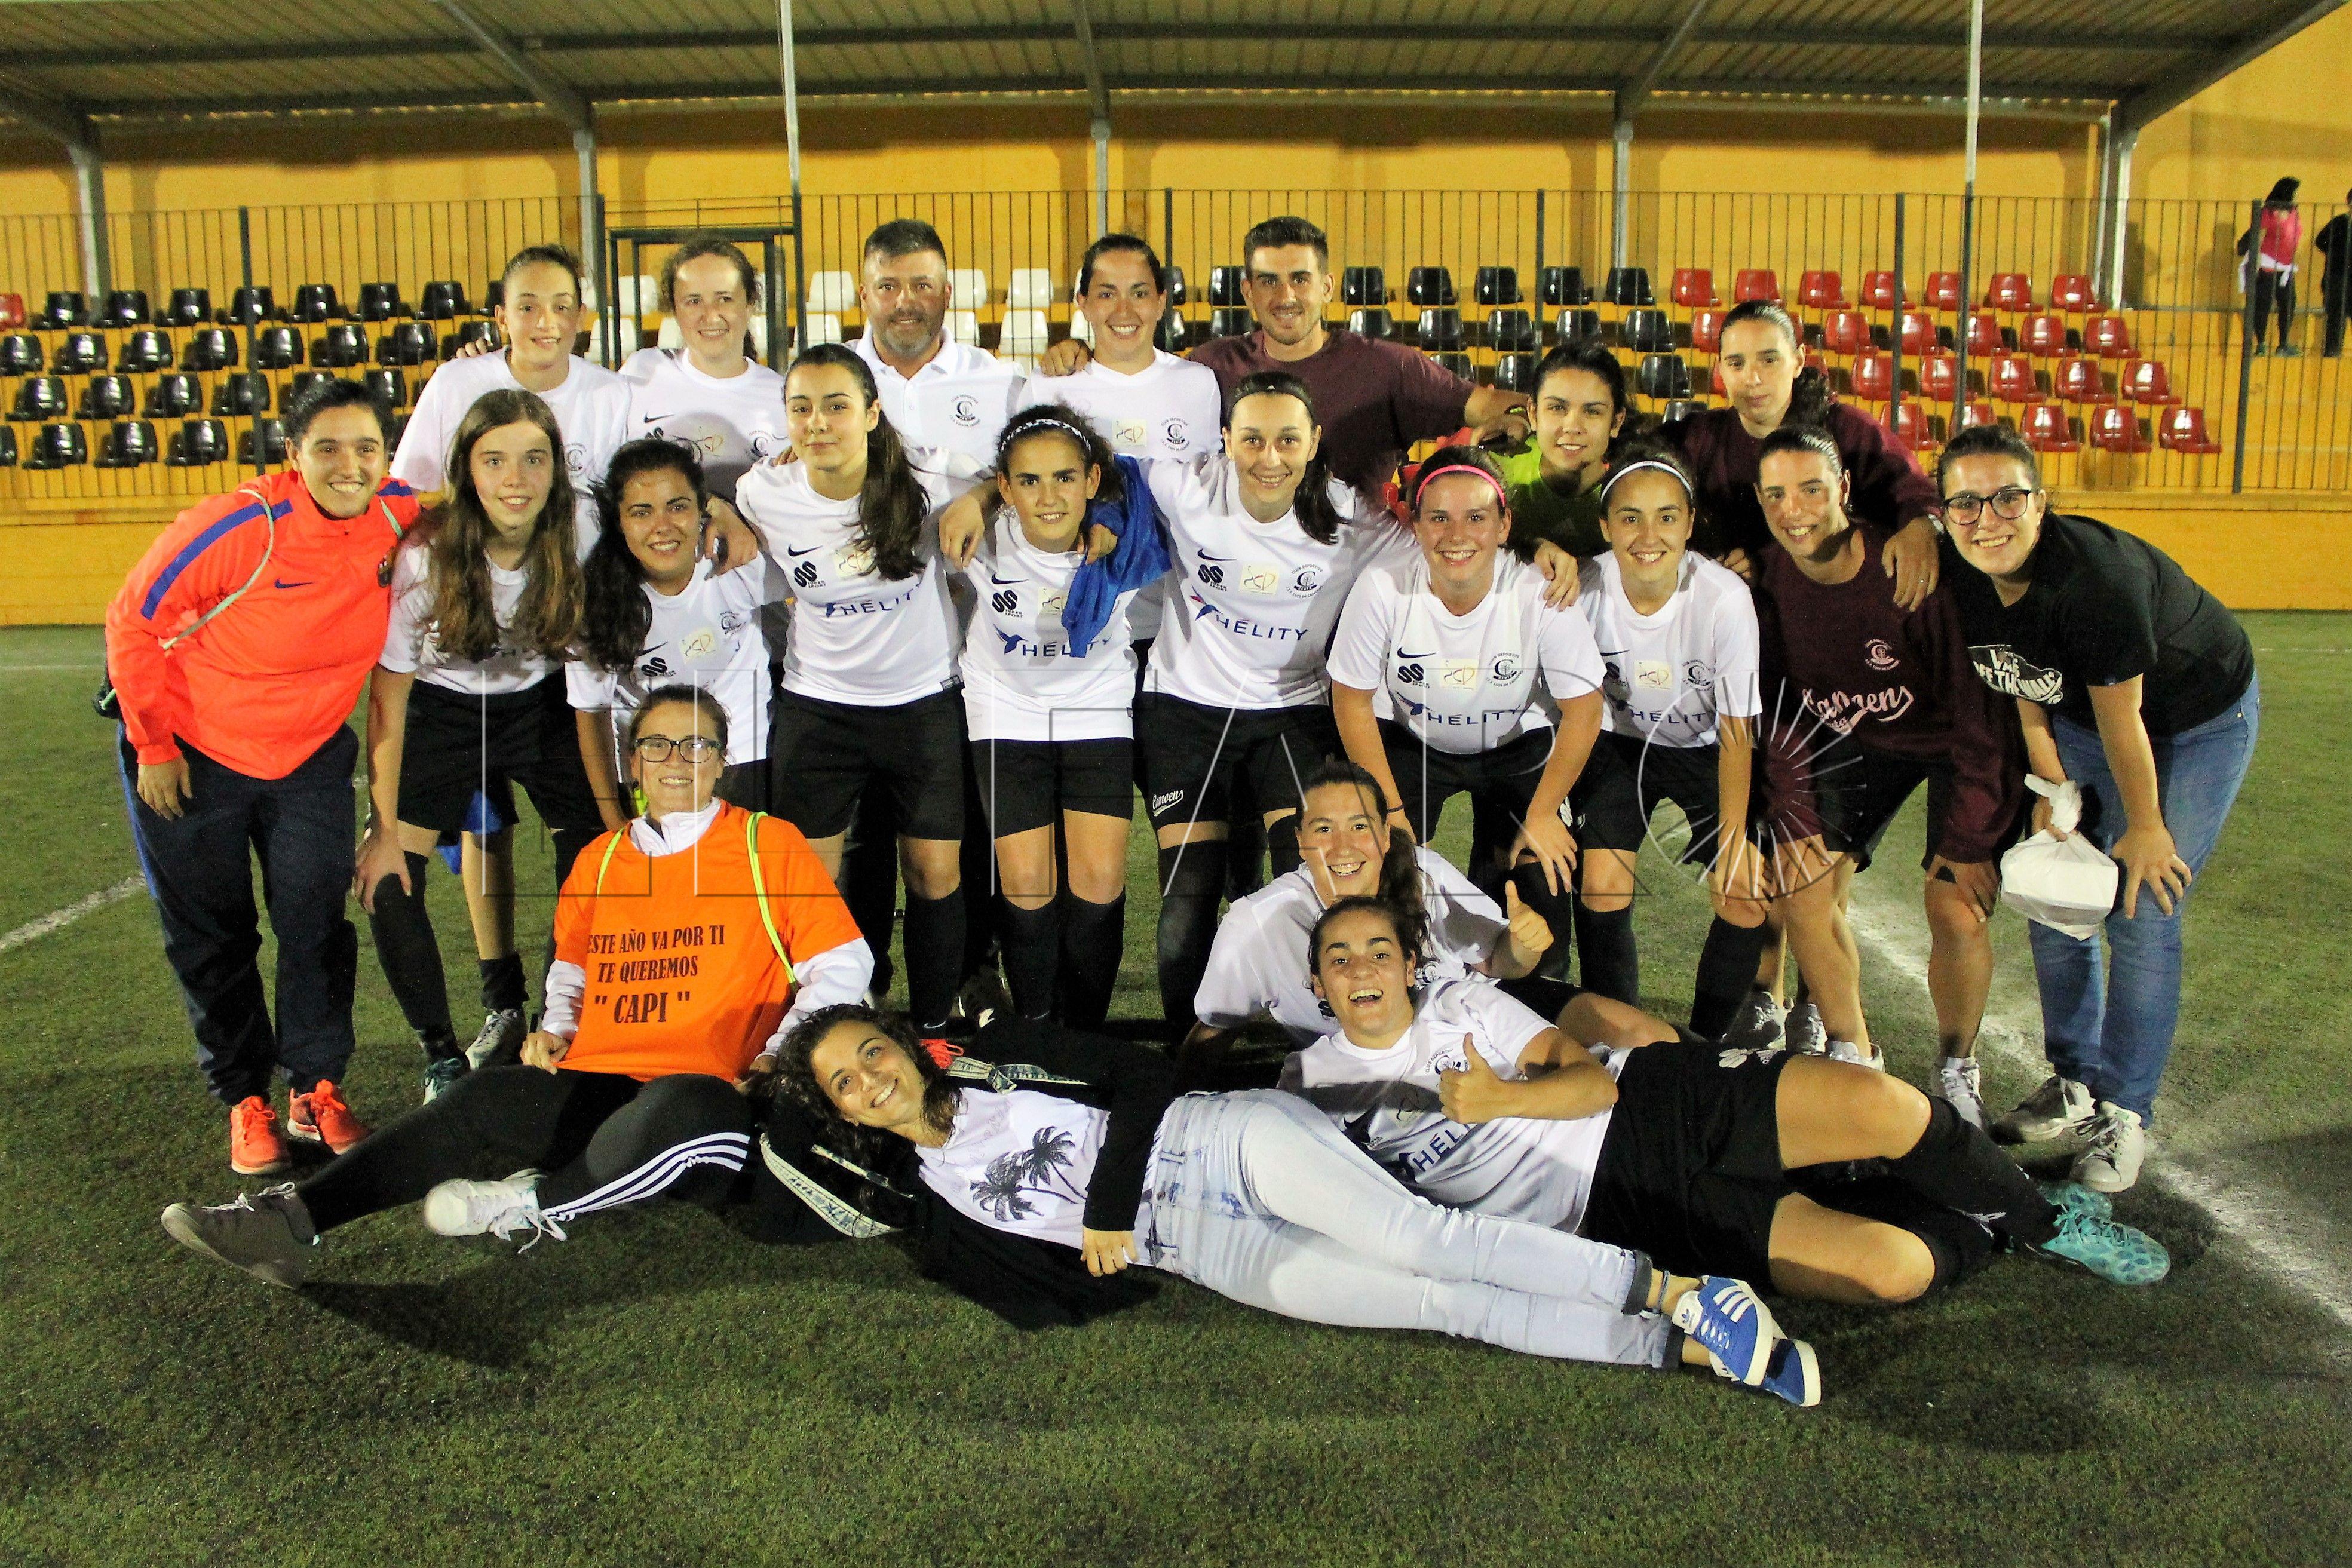 Triplete del Camoens tras lograr el título de Liga de Fútbol 7